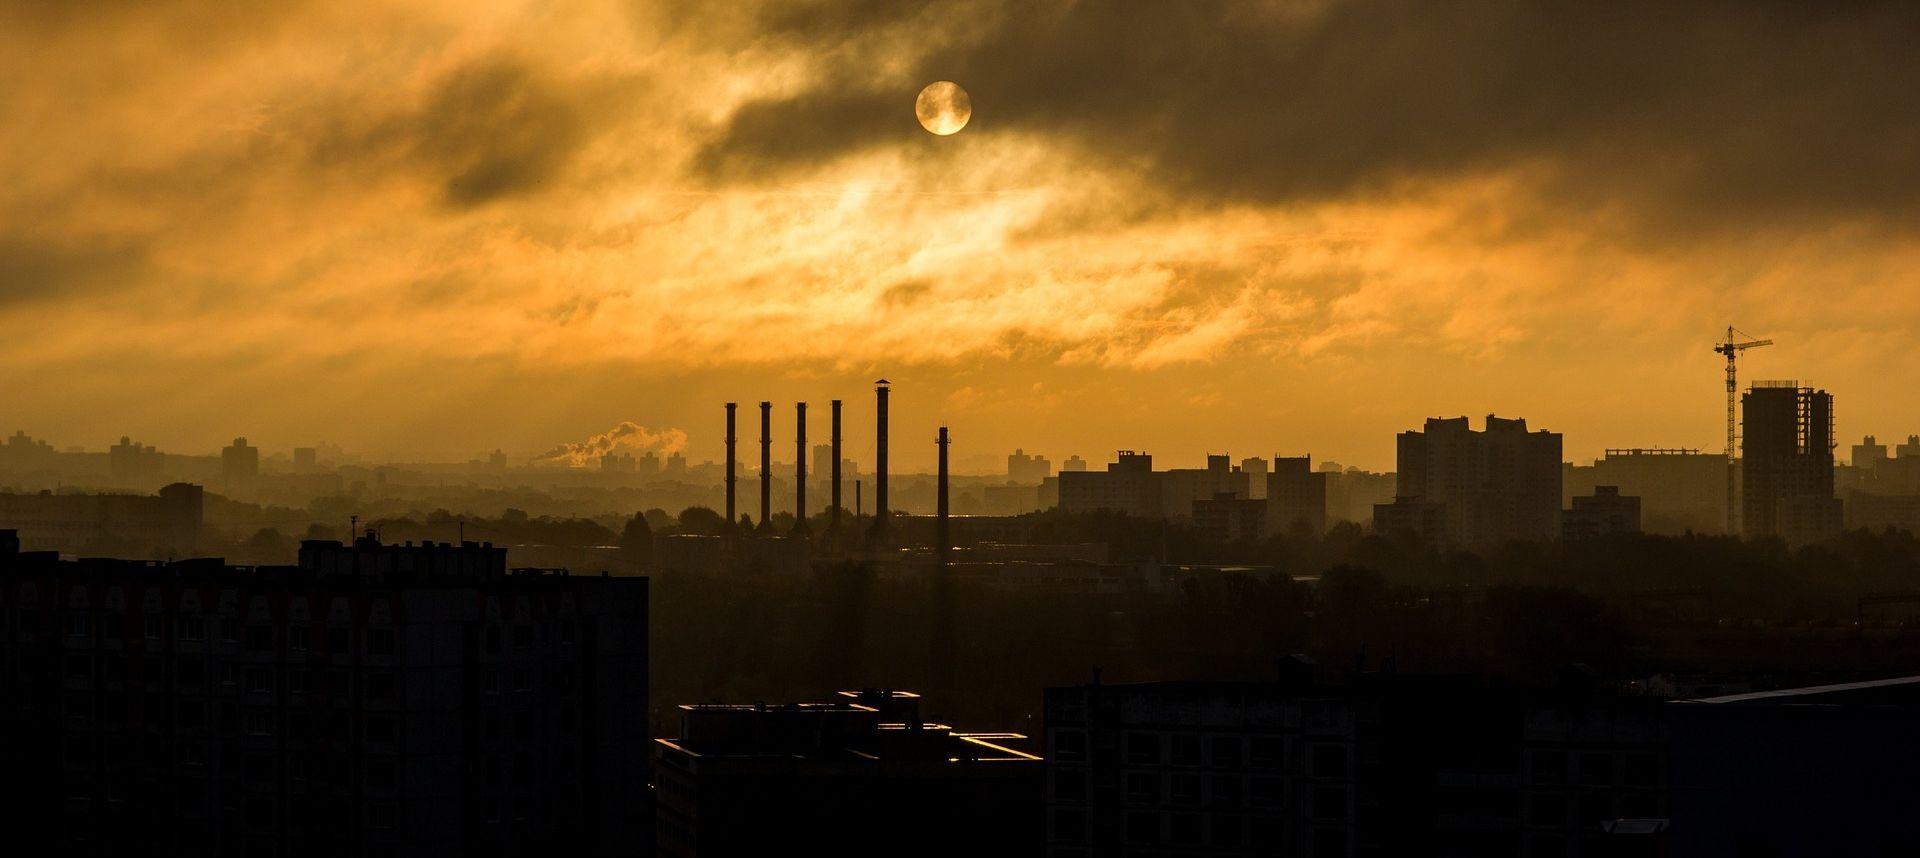 Peking naredio zatvaranje 1200 tvornica zbog zagađenja zraka